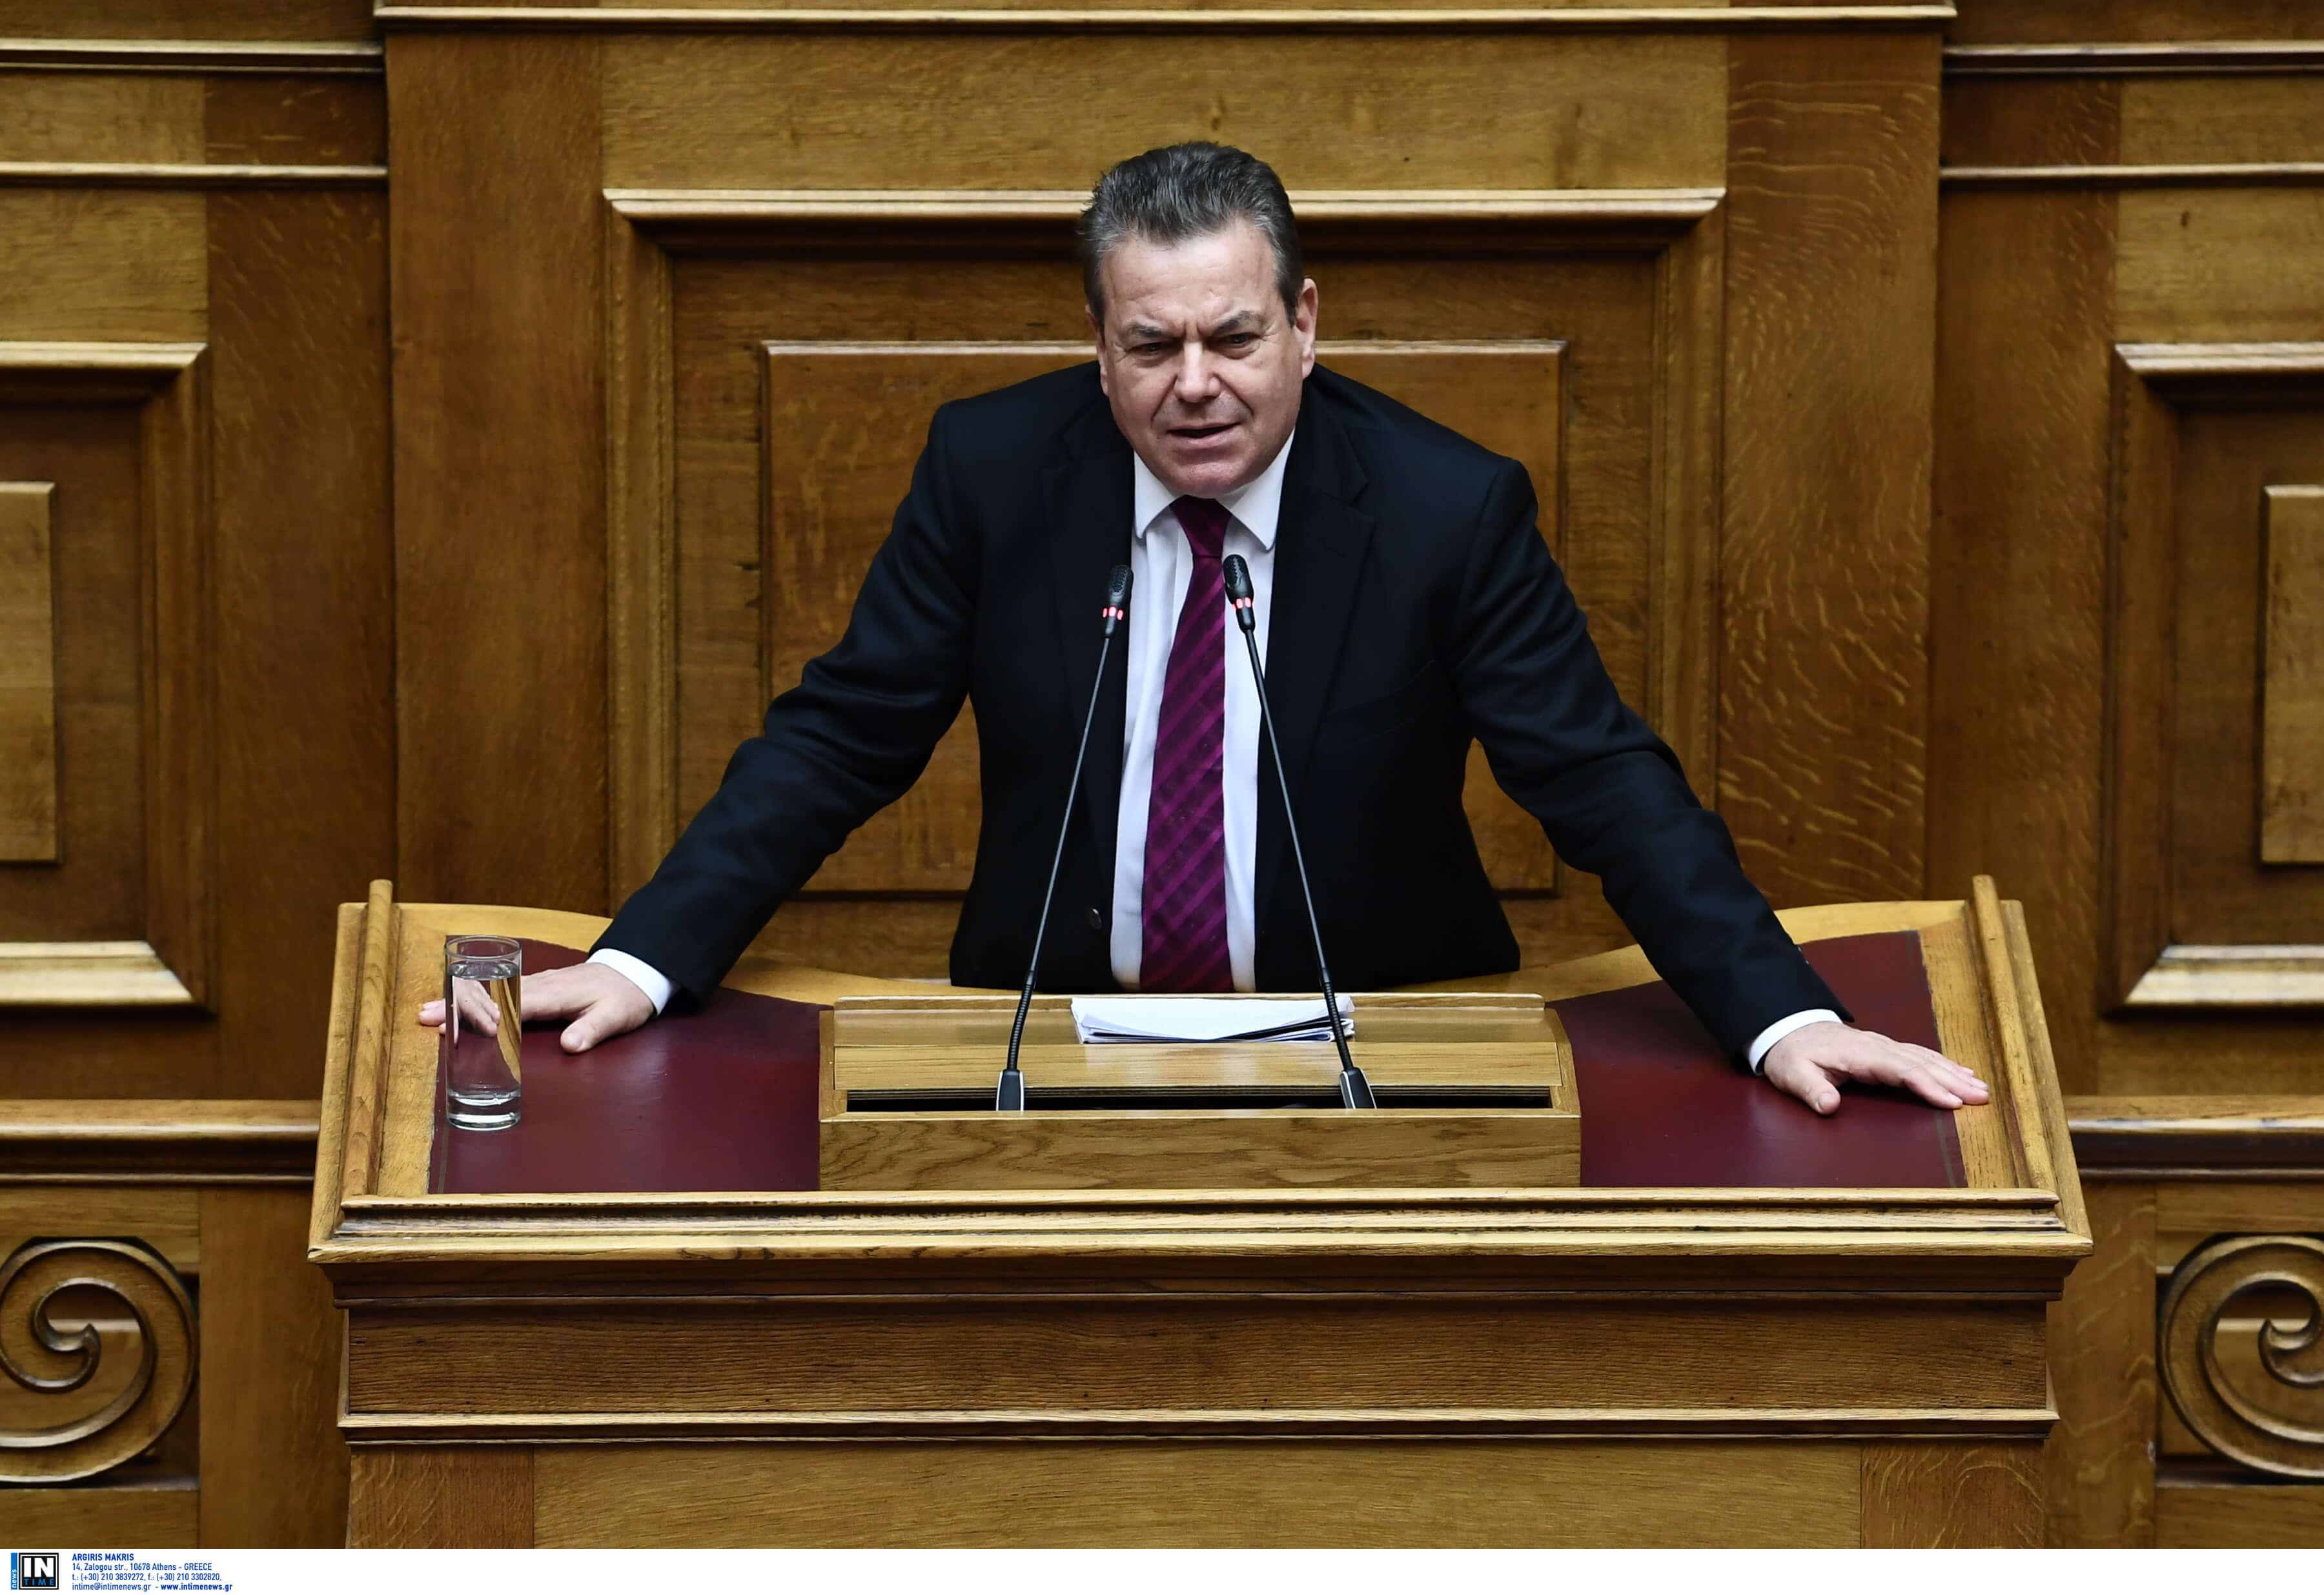 Πετρόπουλος: Με τις 120 δόσεις θα συνταξιοδοτηθούν όσοι είχαν ασφαλιστικές οφειλές